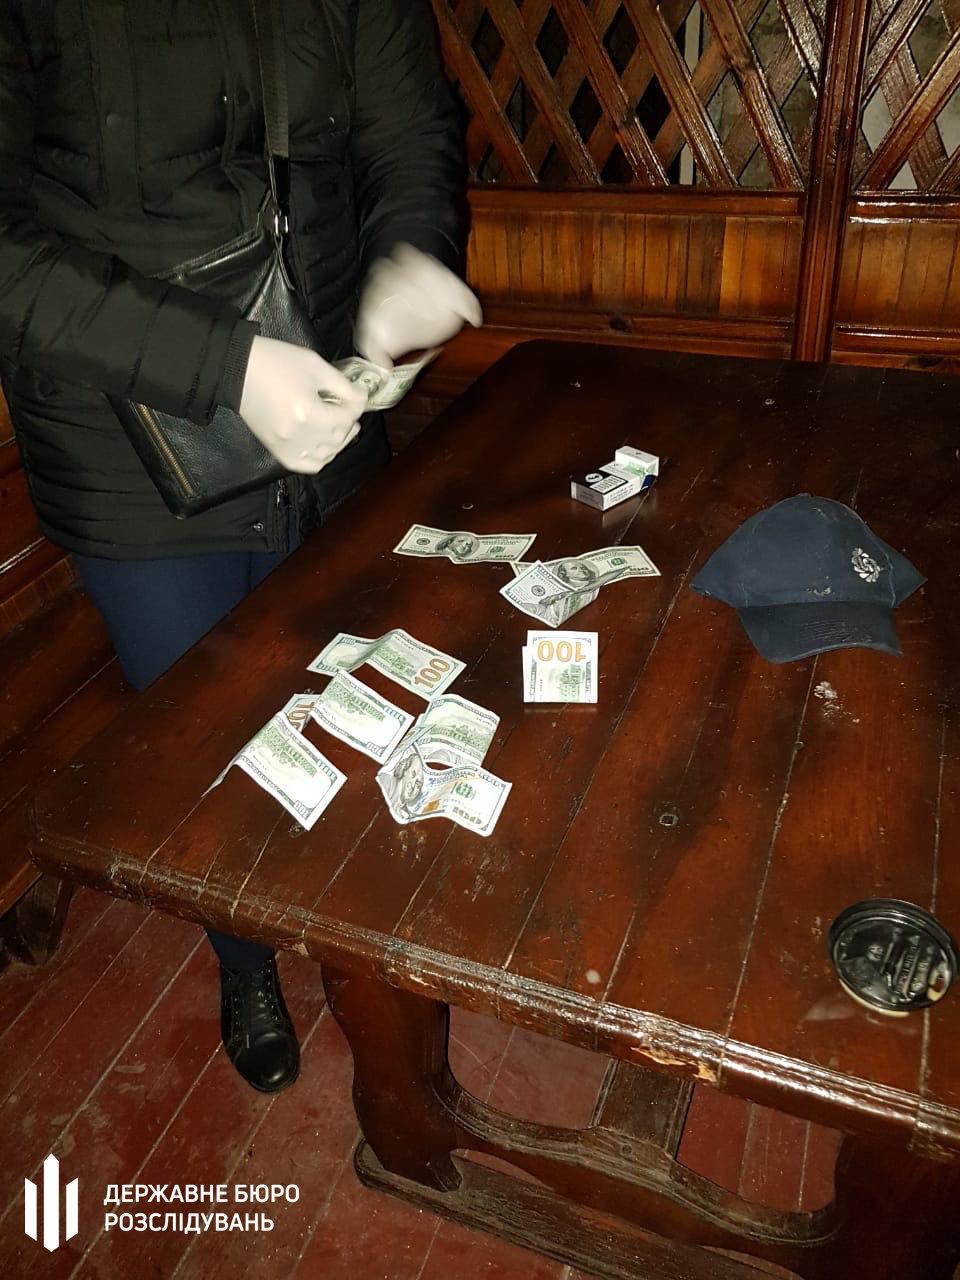 1000 доларів США за уникнення покарання – поліцейського затримано на хабарі , фото-1